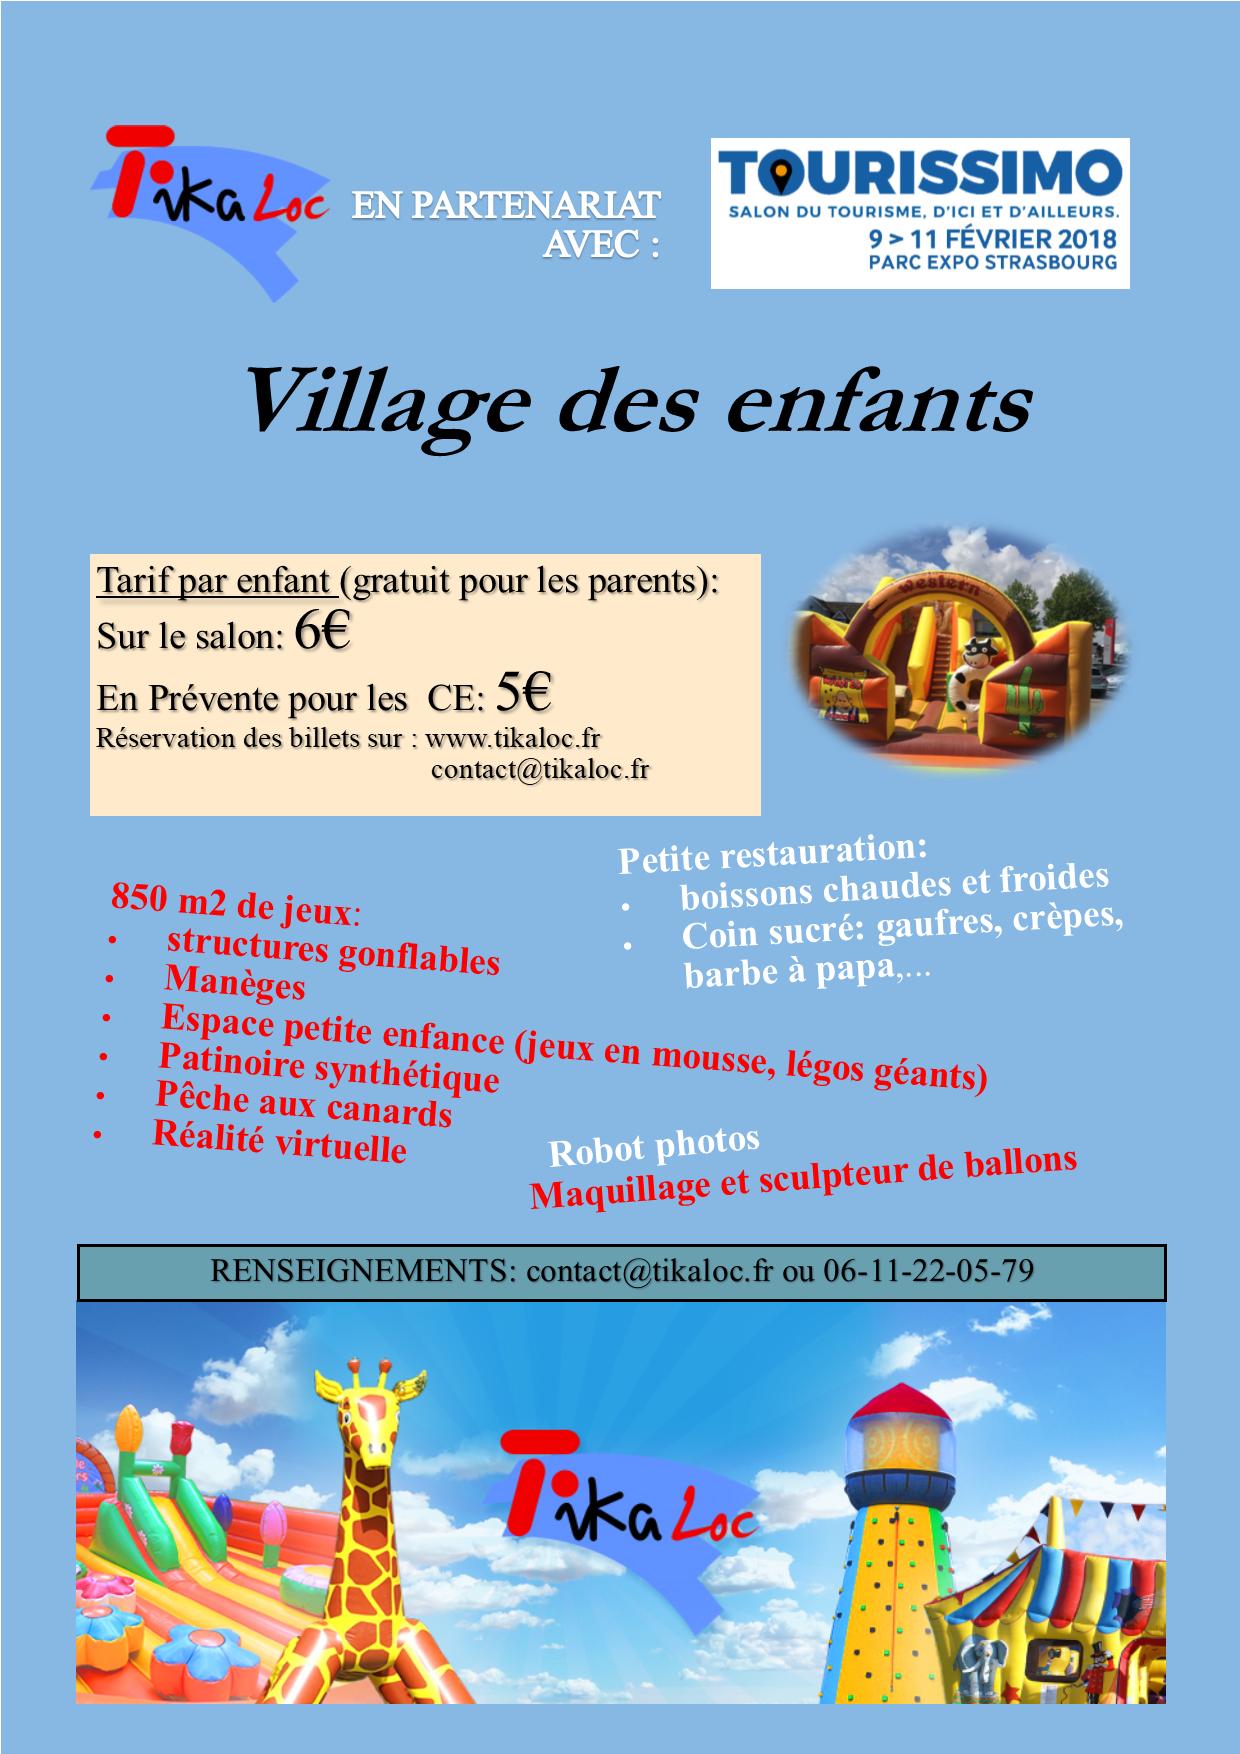 Village des enfants à Tourissimo 2018